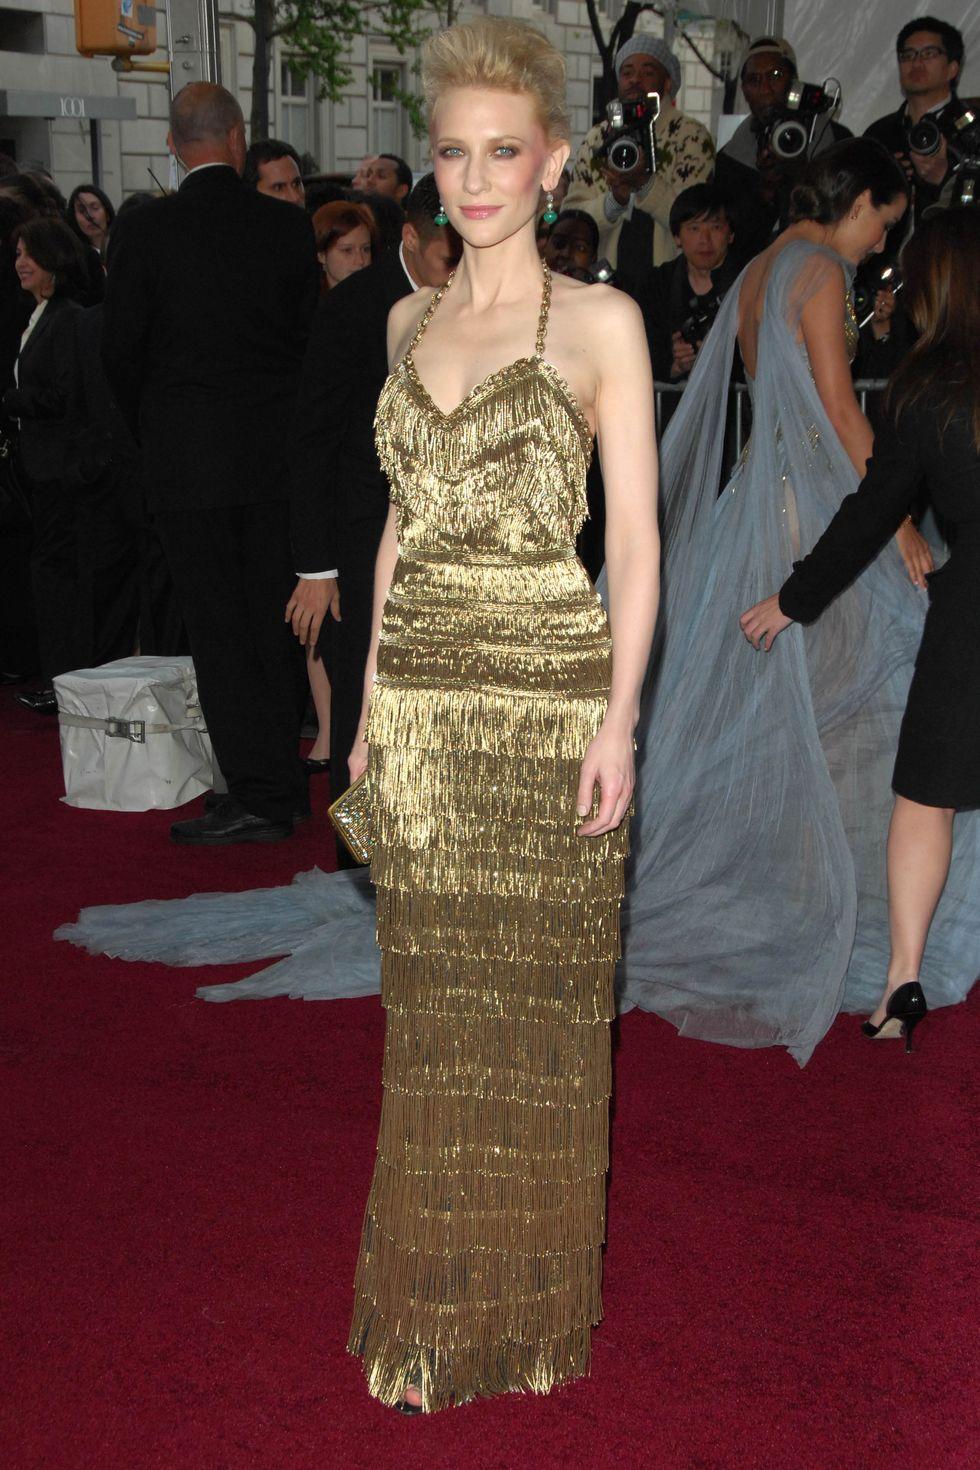 Cate Blanchett - 2007